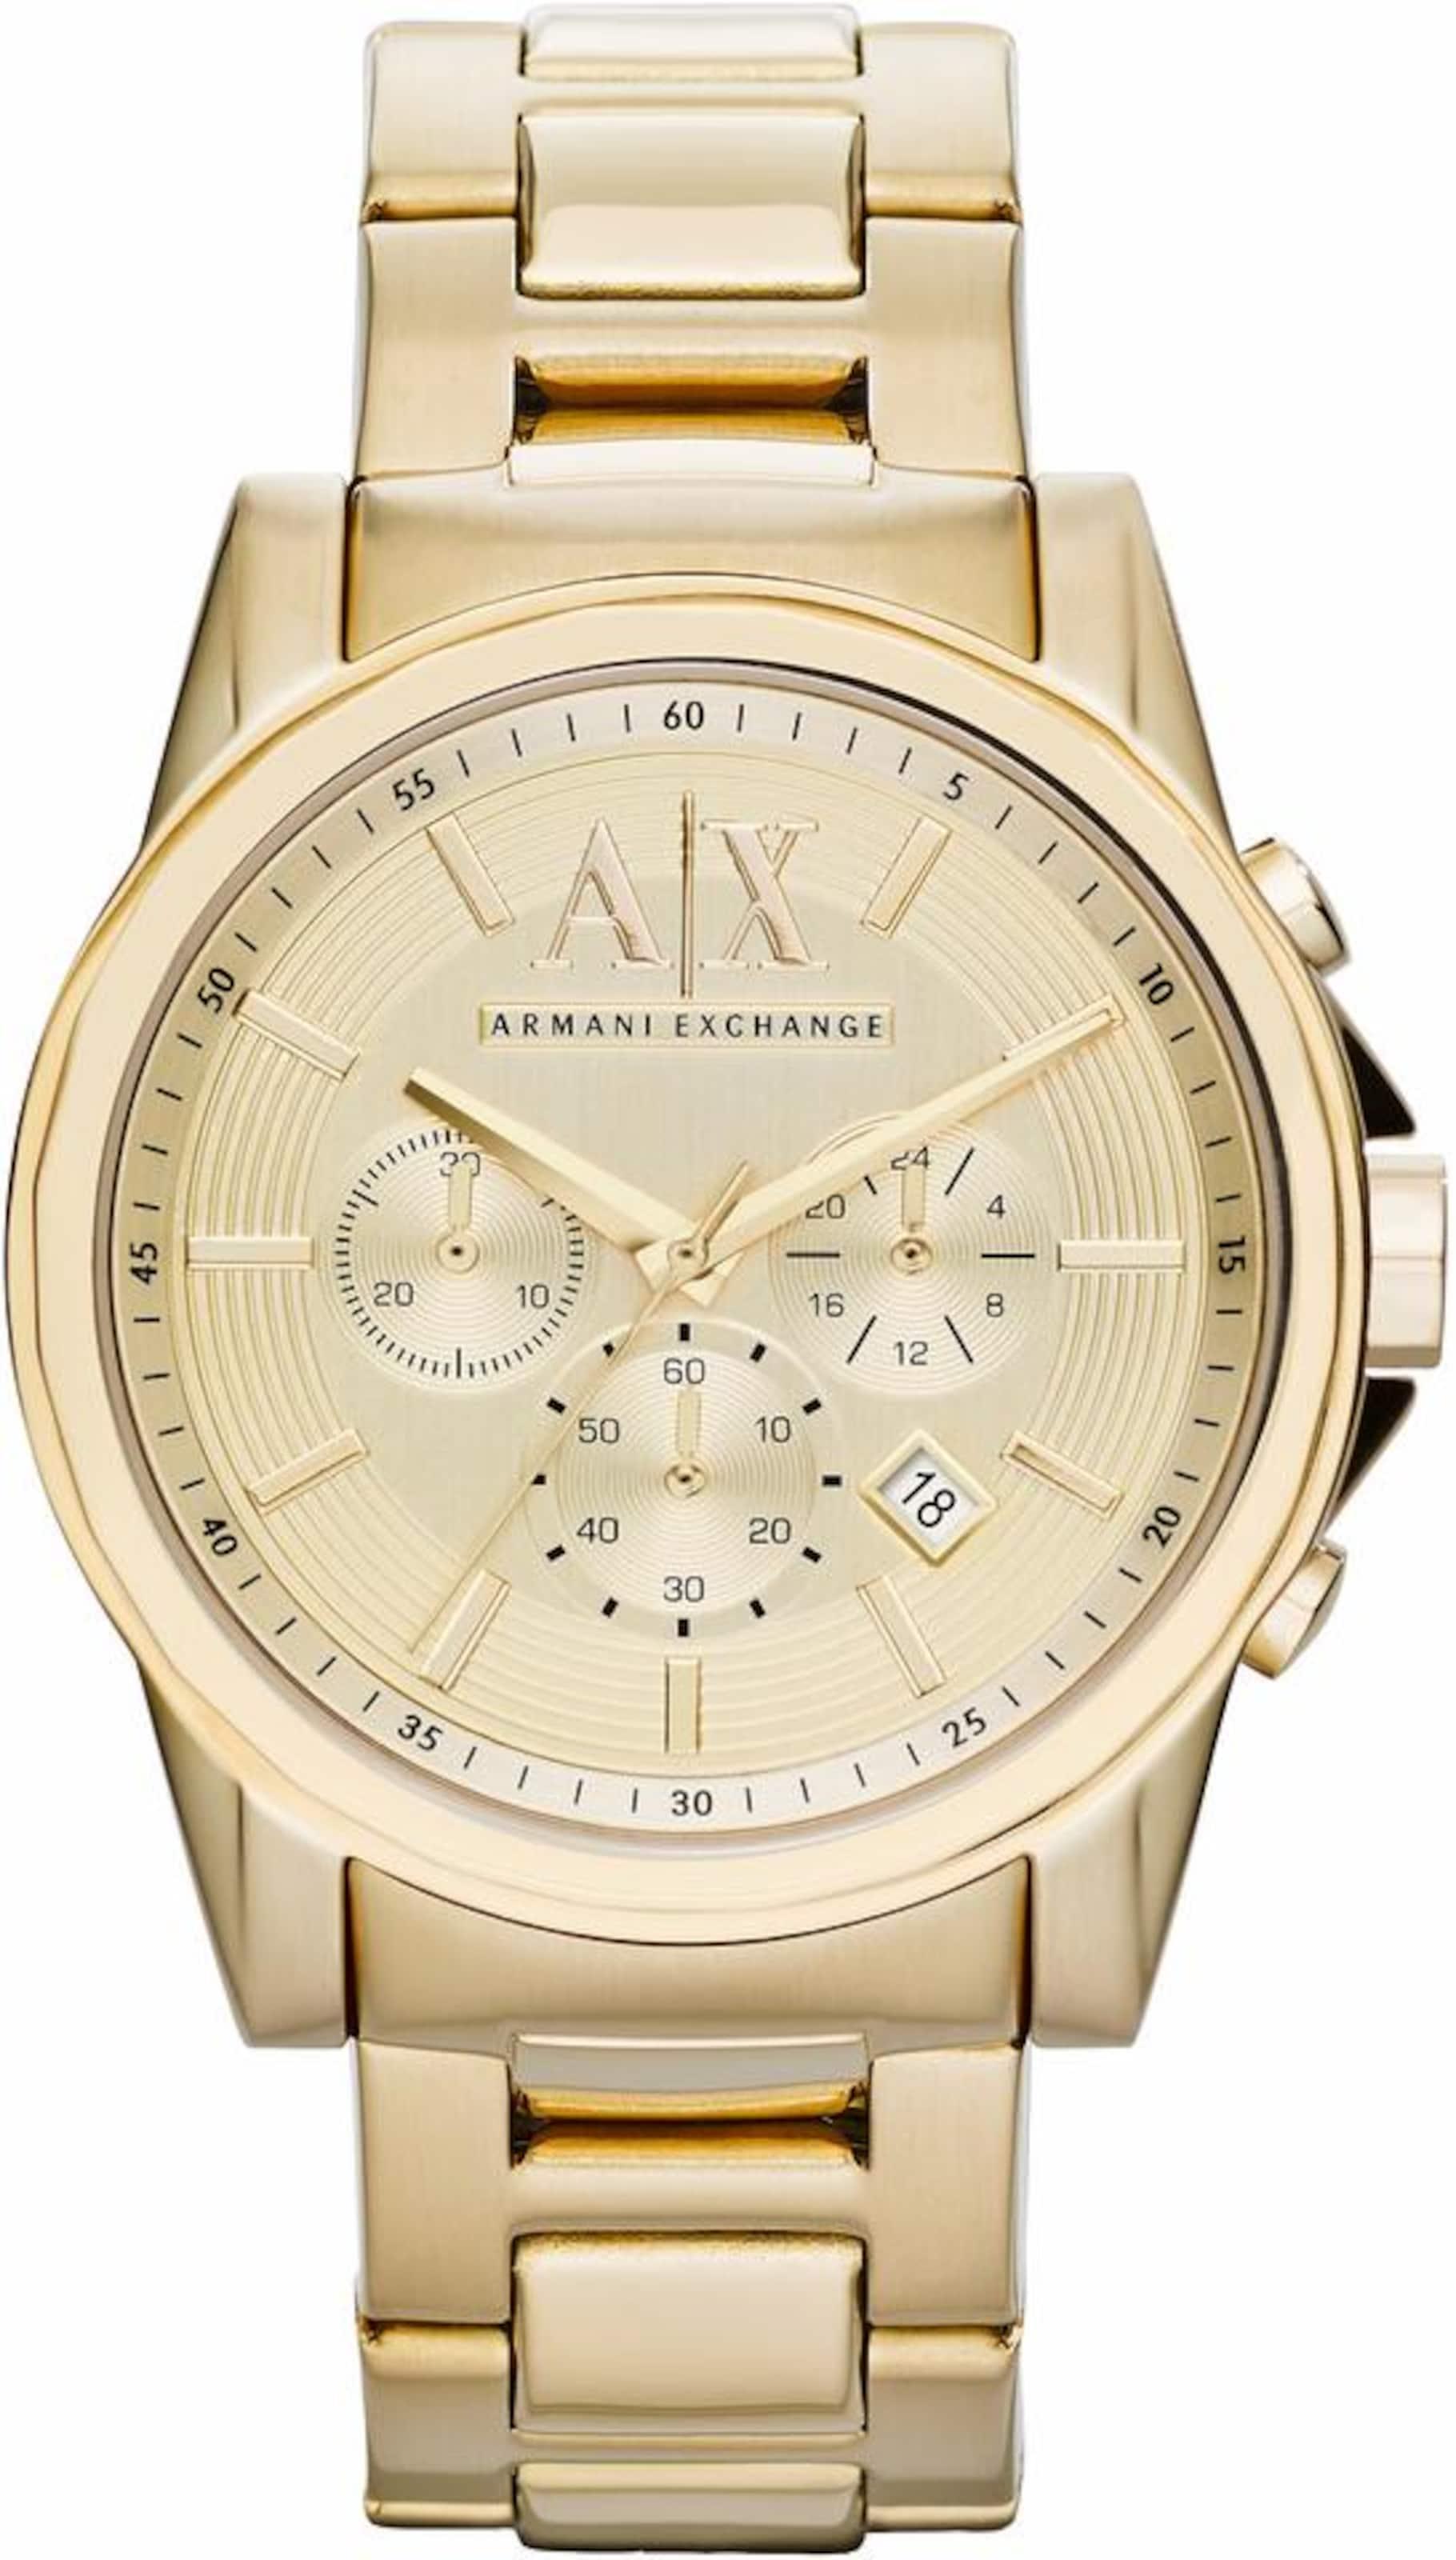 ARMANI EXCHANGE Chronograph »AX2099« Sauber Und Klassisch Spielraum Neue Stile Rabatt-Shop Für Countdown-Paket Günstig Online Spielraum Online Ebay N349rUEyk